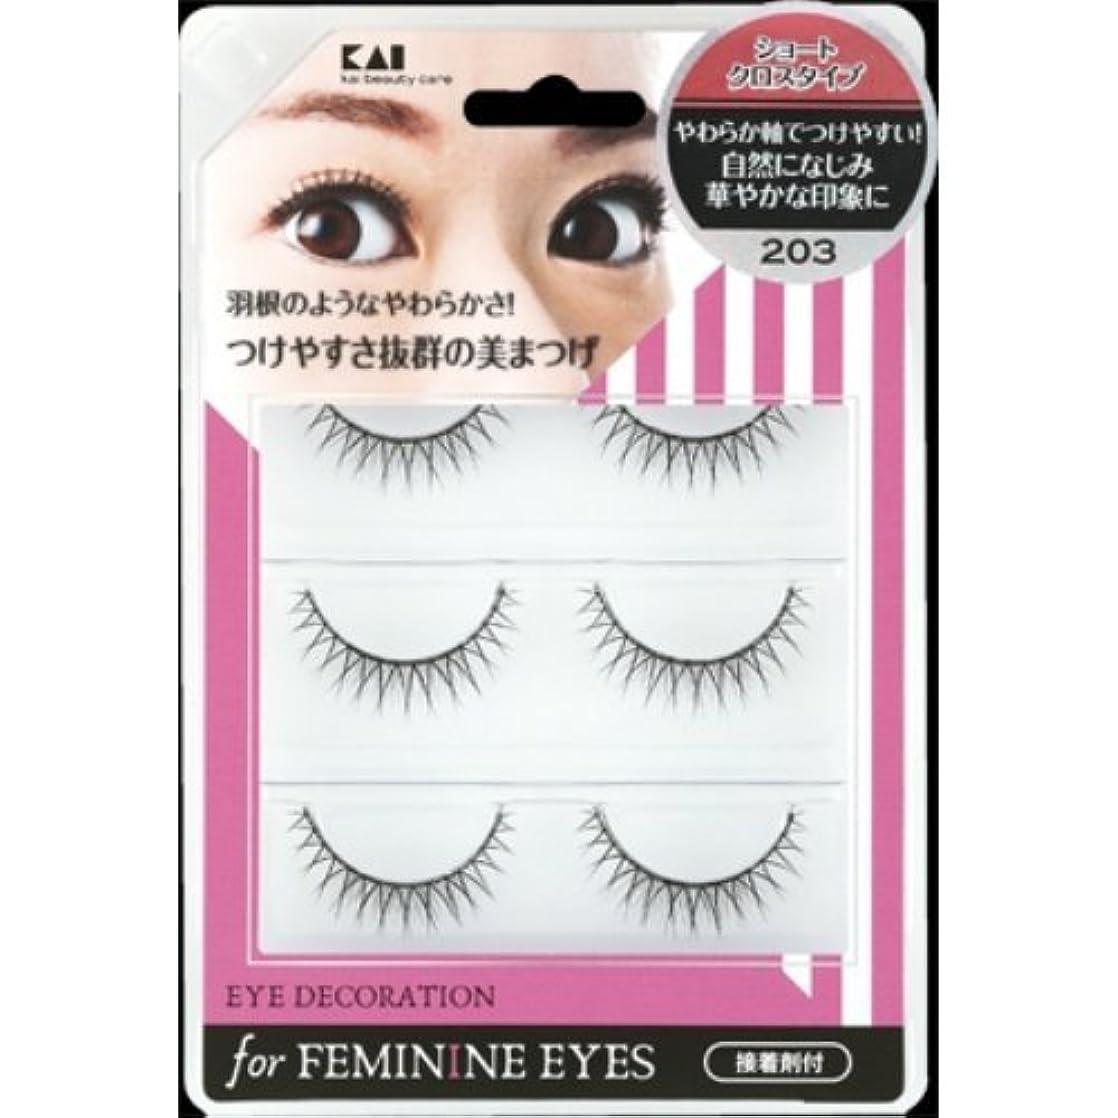 絶え間ない国一時停止貝印 アイデコレーション for feminine eyes 203 HC1560